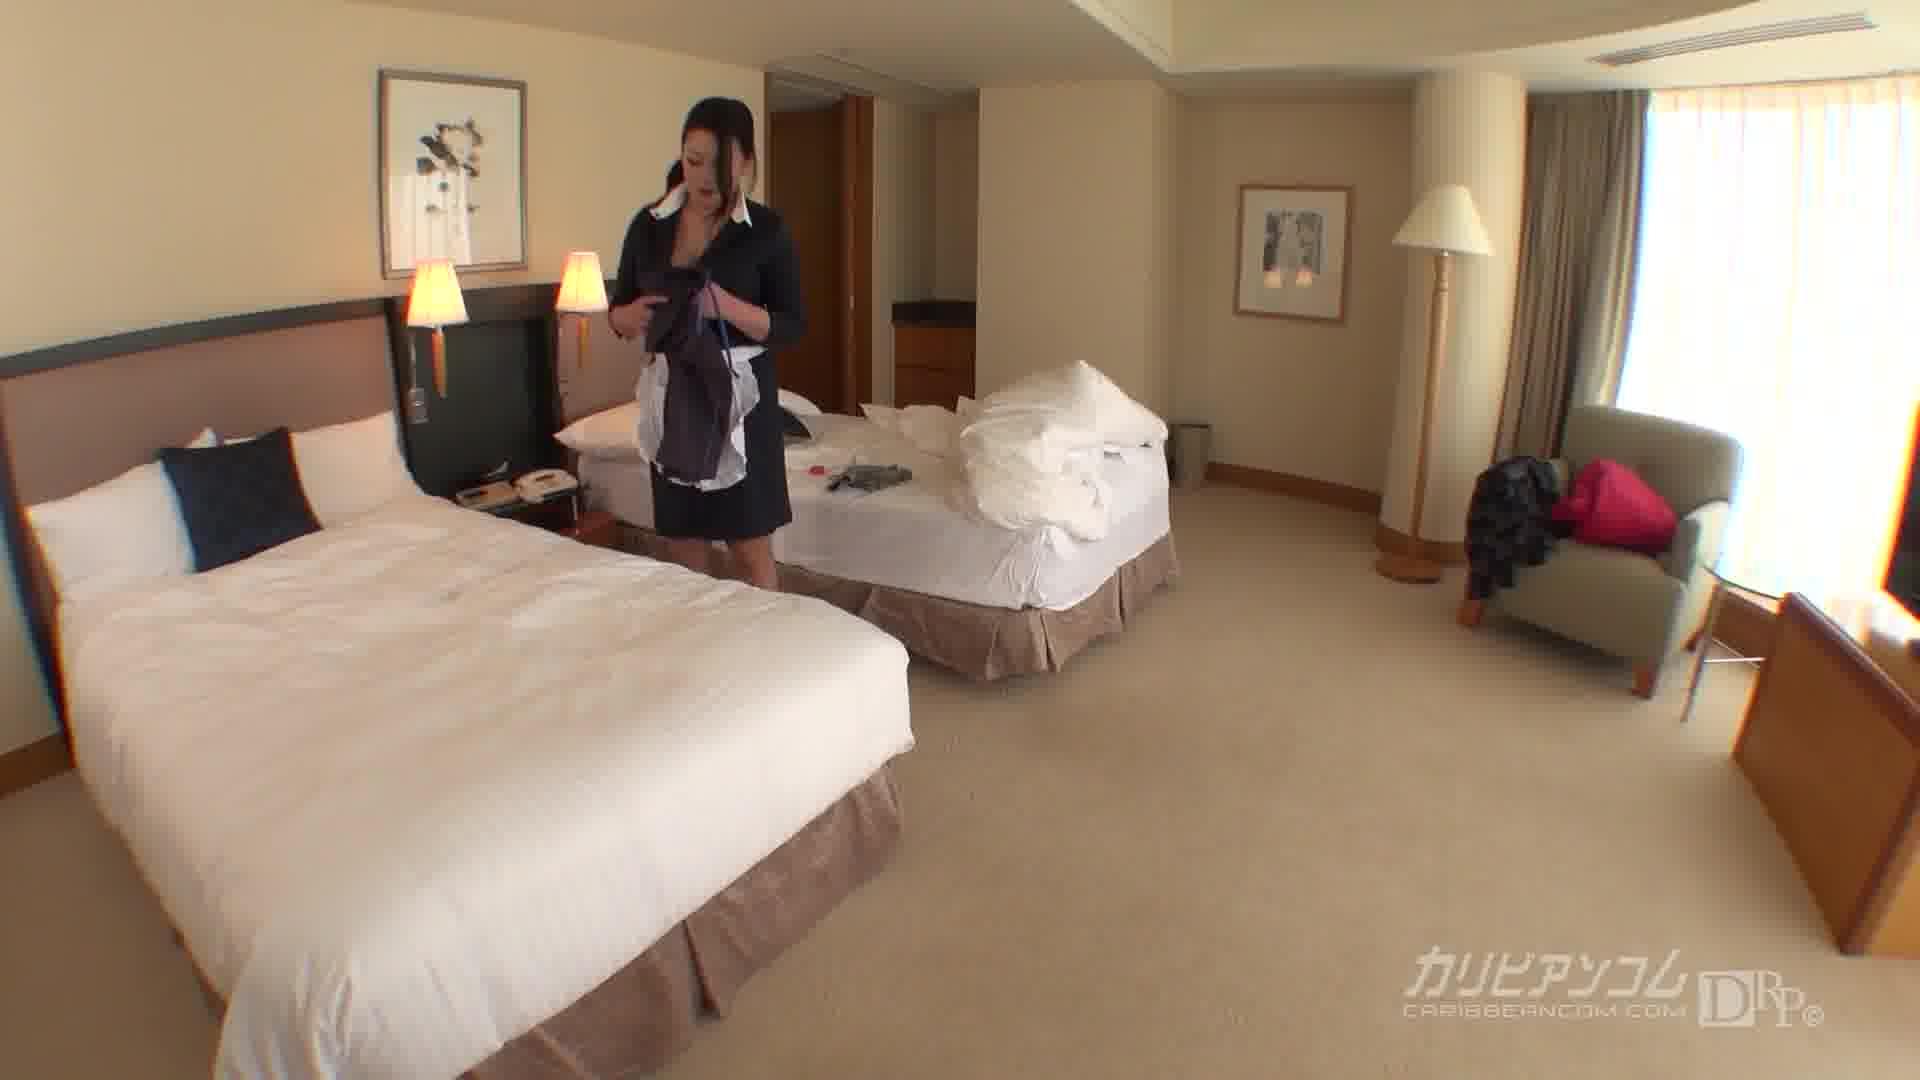 淫美熟女 ホテル客室係 - 北島玲【巨乳・制服・痴女】